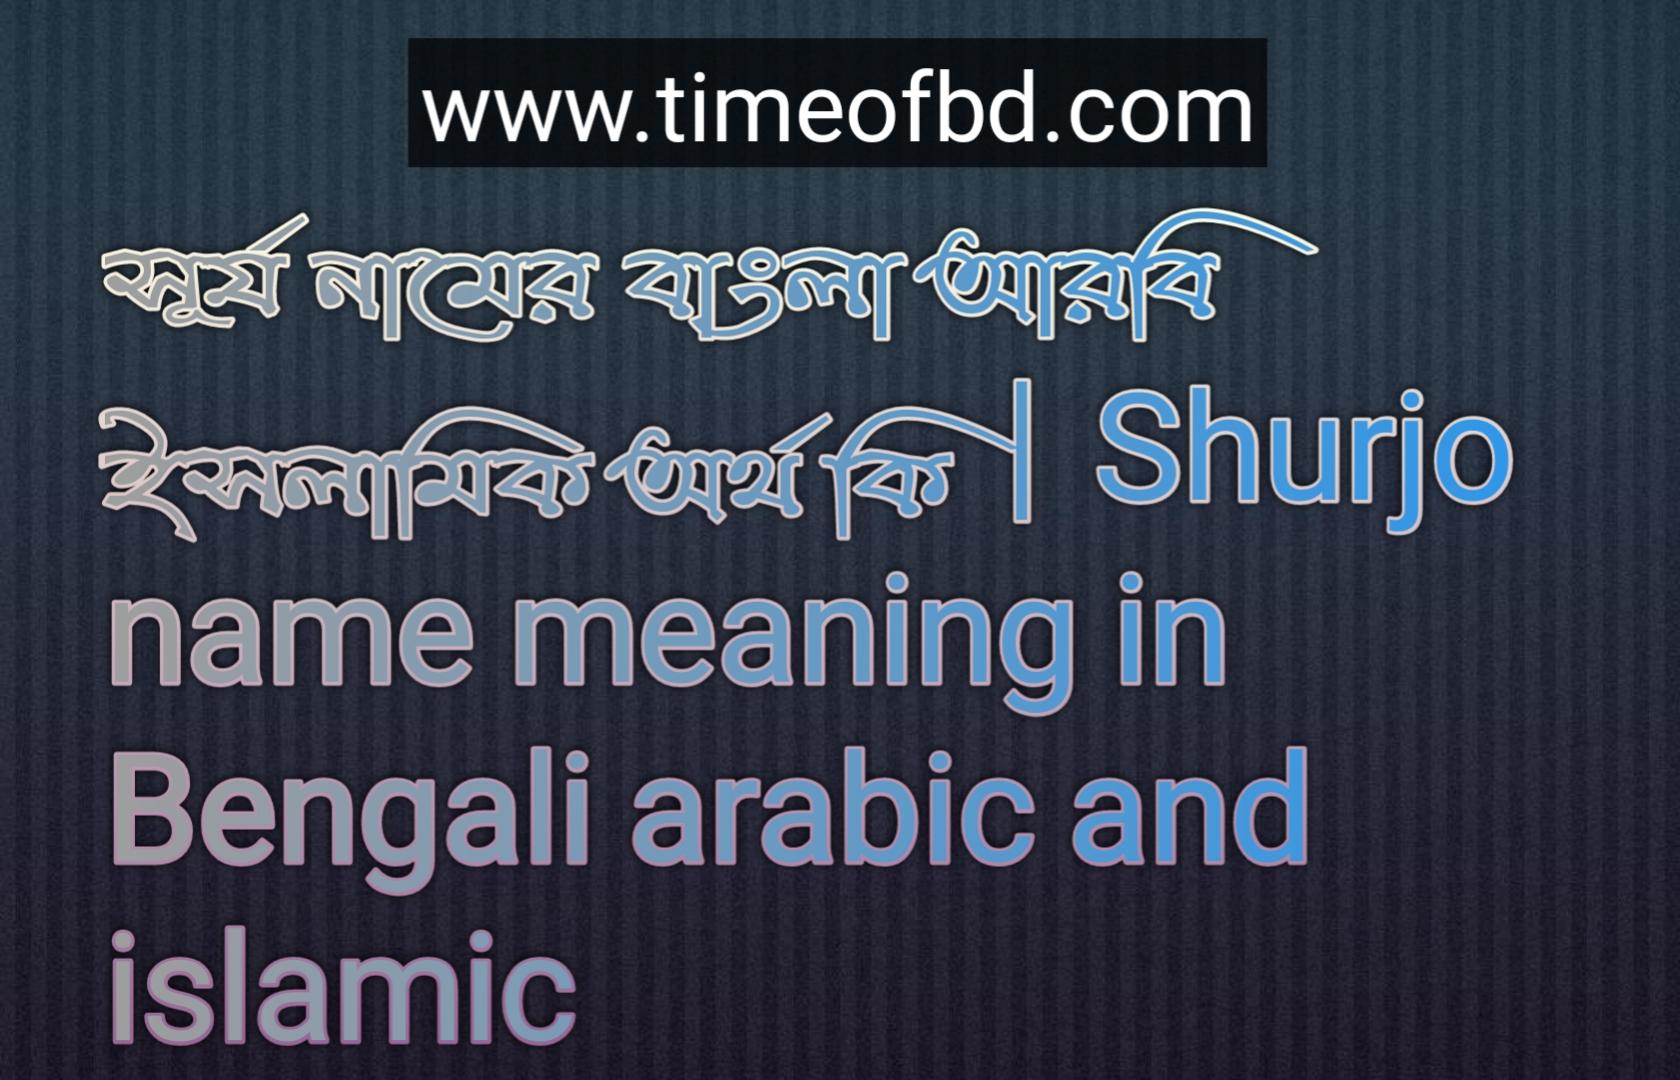 সূর্য নামের অর্থ কি, সূর্য নামের বাংলা অর্থ কি, সূর্য নামের ইসলামিক অর্থ কি, Shurjo name meaning in Bengali, সূর্য কি ইসলামিক নাম,